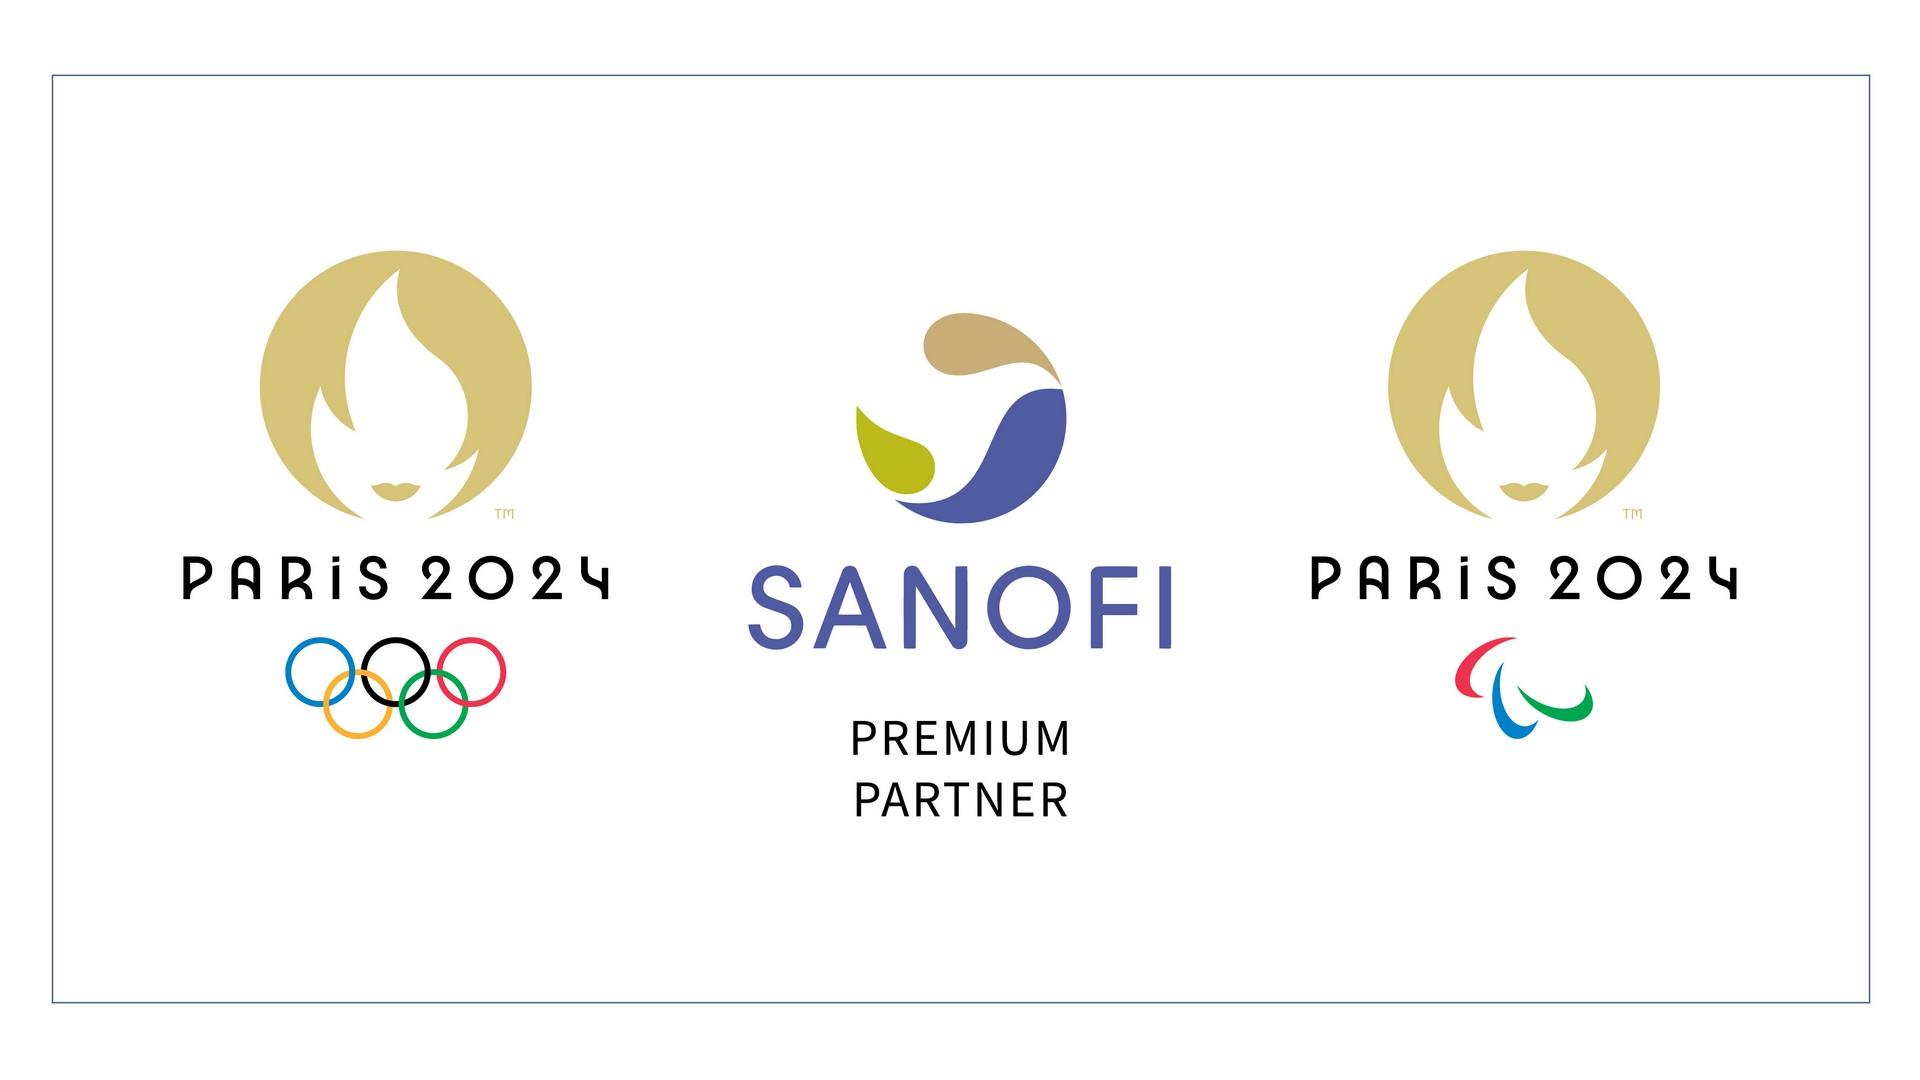 Sanofi x Paris 2024 (pharmacie) logo 2021